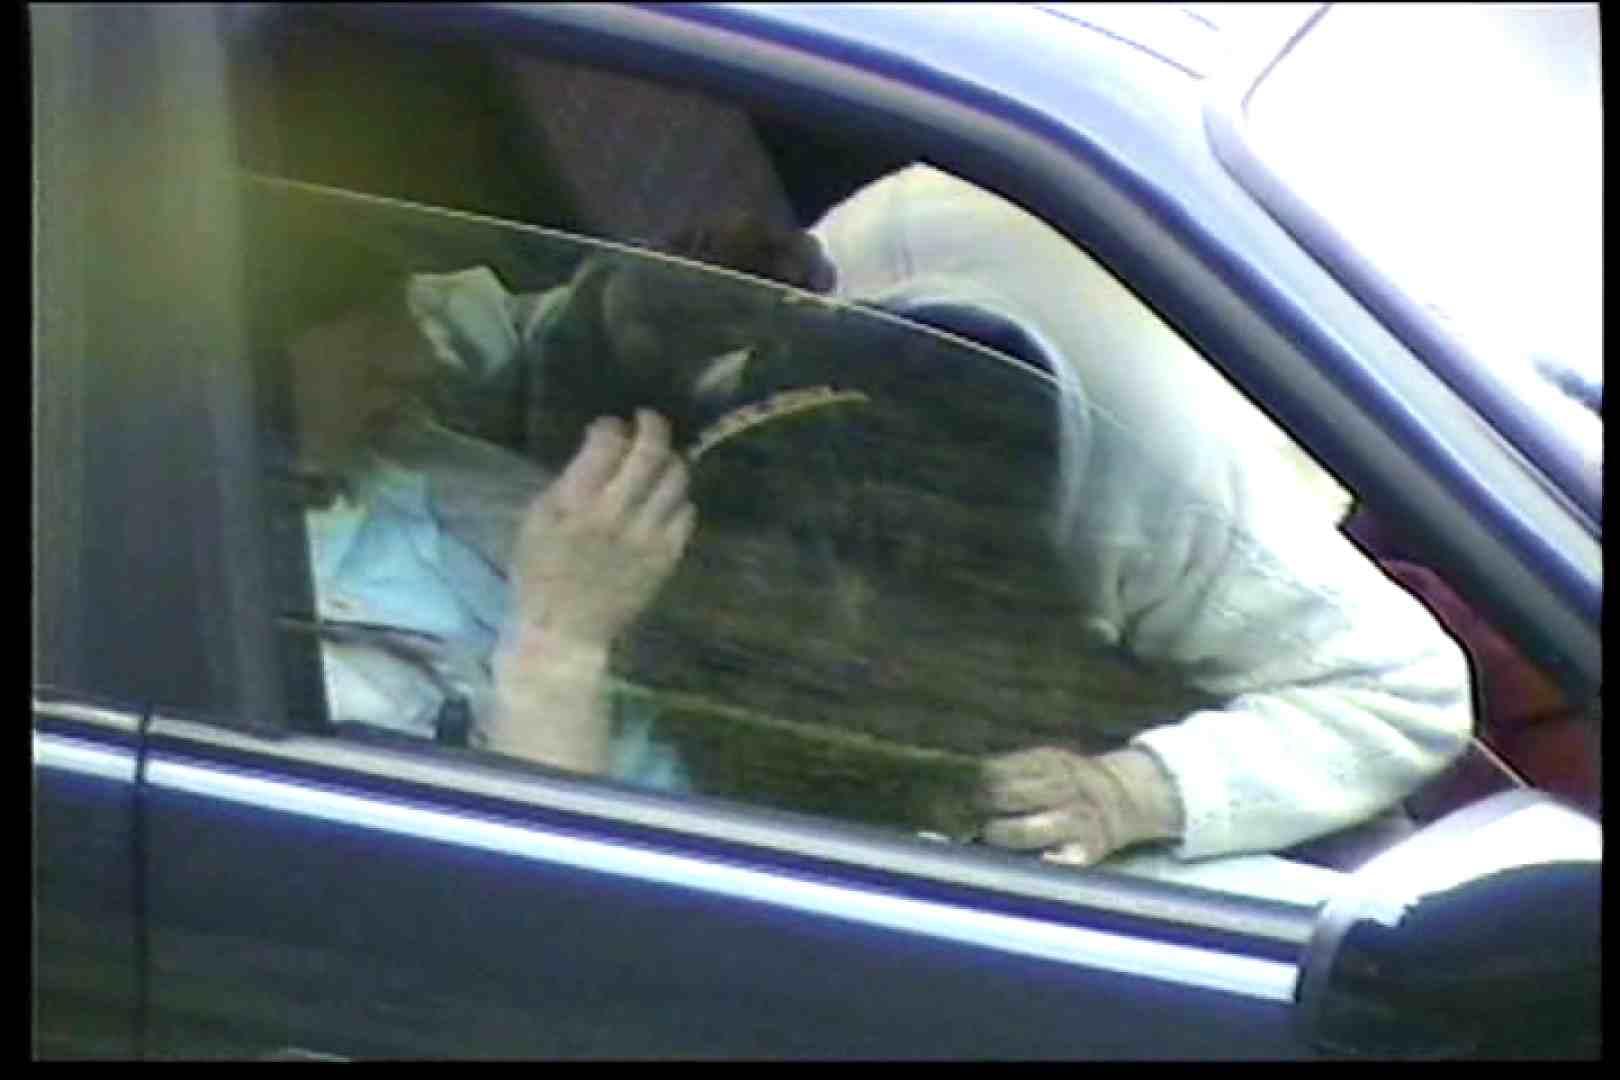 車の中はラブホテル 無修正版  Vol.12 カップル オマンコ動画キャプチャ 87pic 35